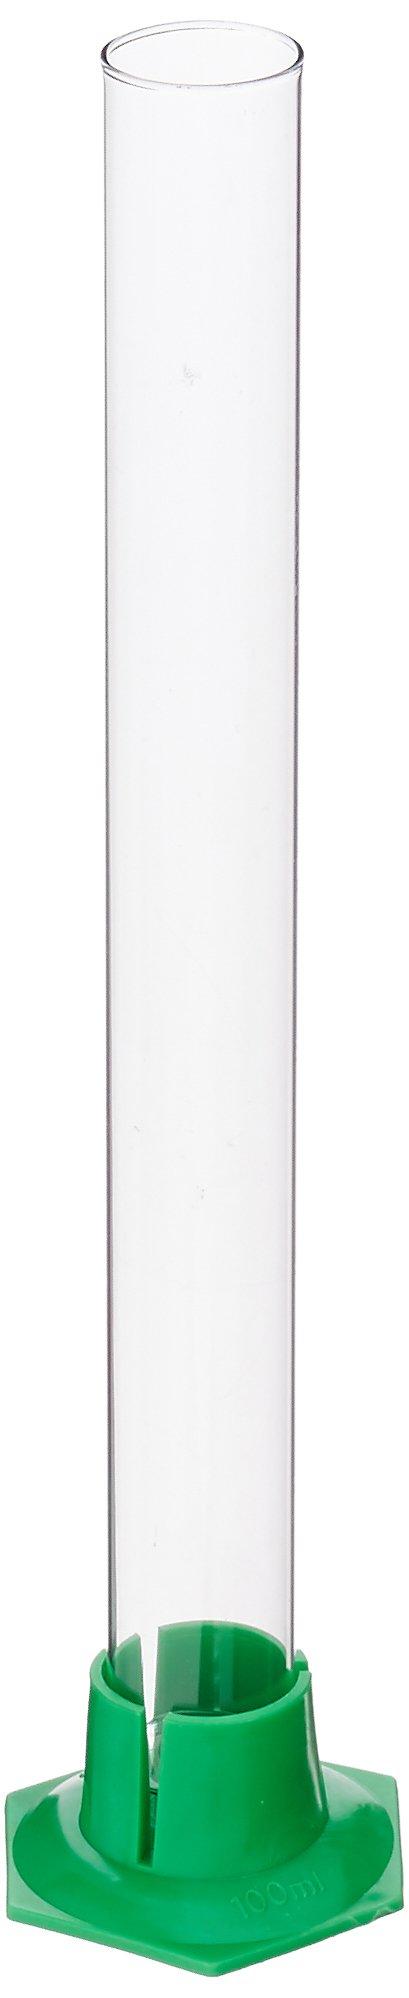 1 X Glass Hydrometer Test Jar by Home Brew Ohio